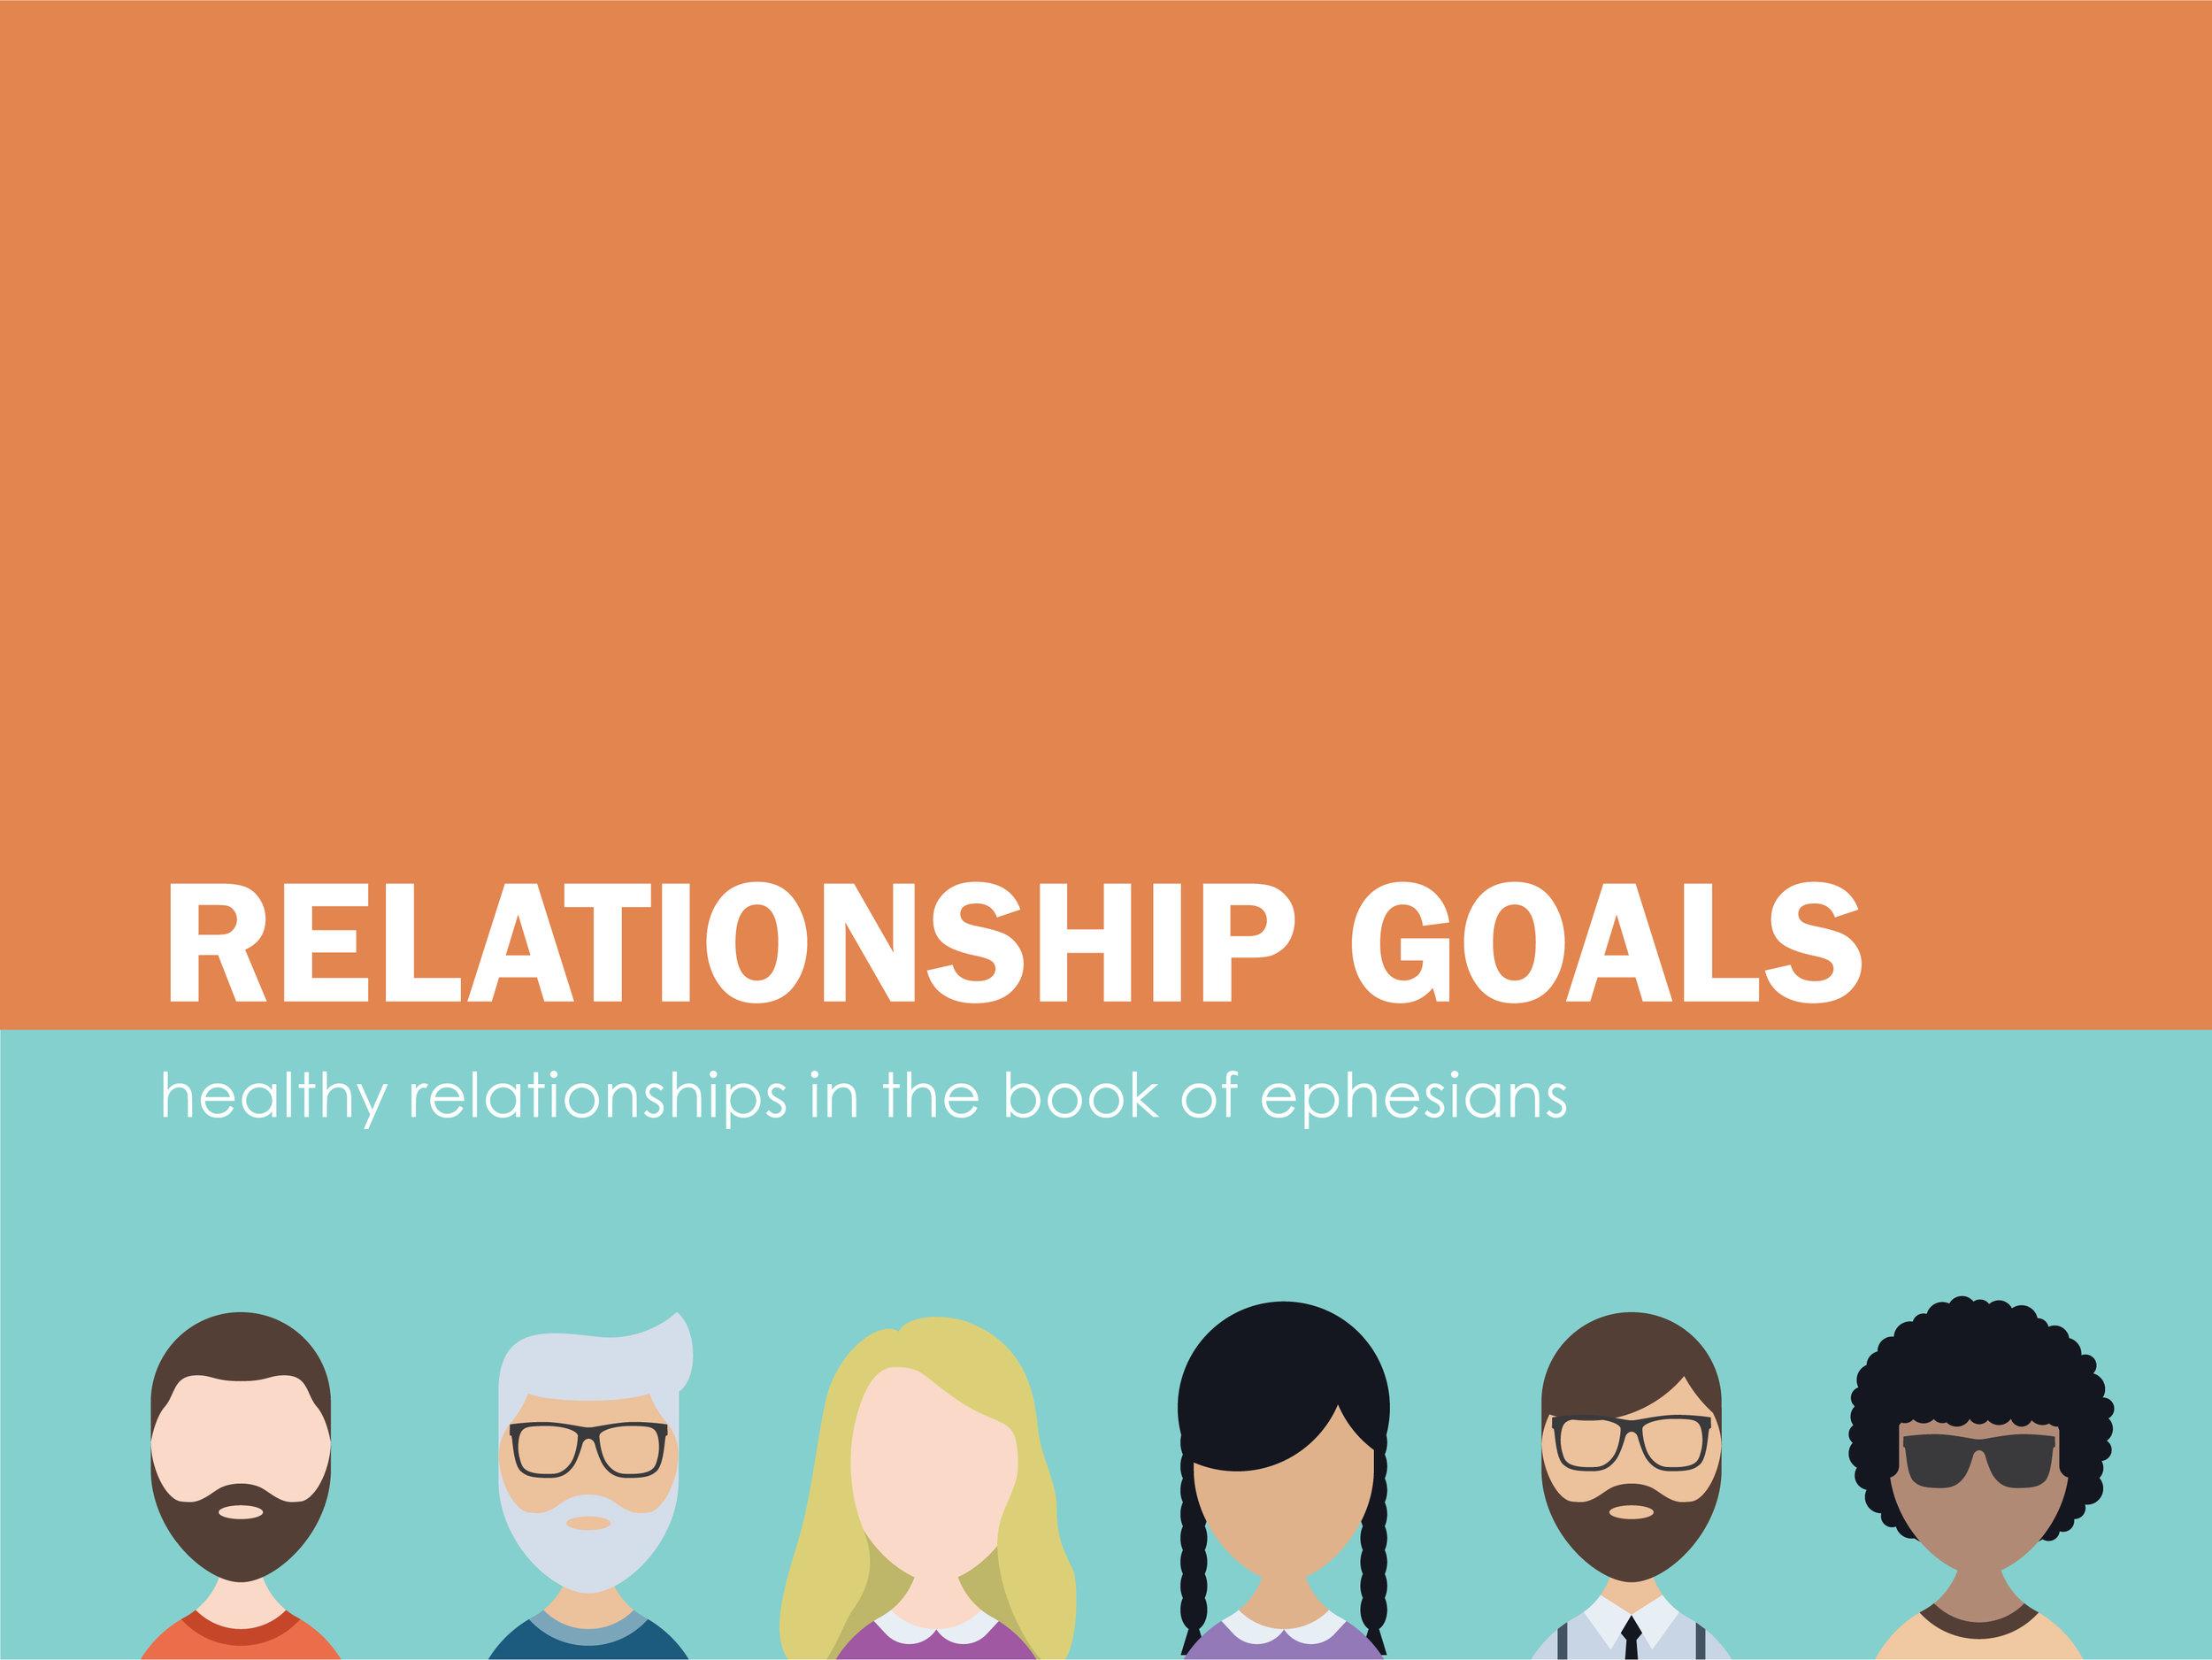 relationshipgoals-01.jpg